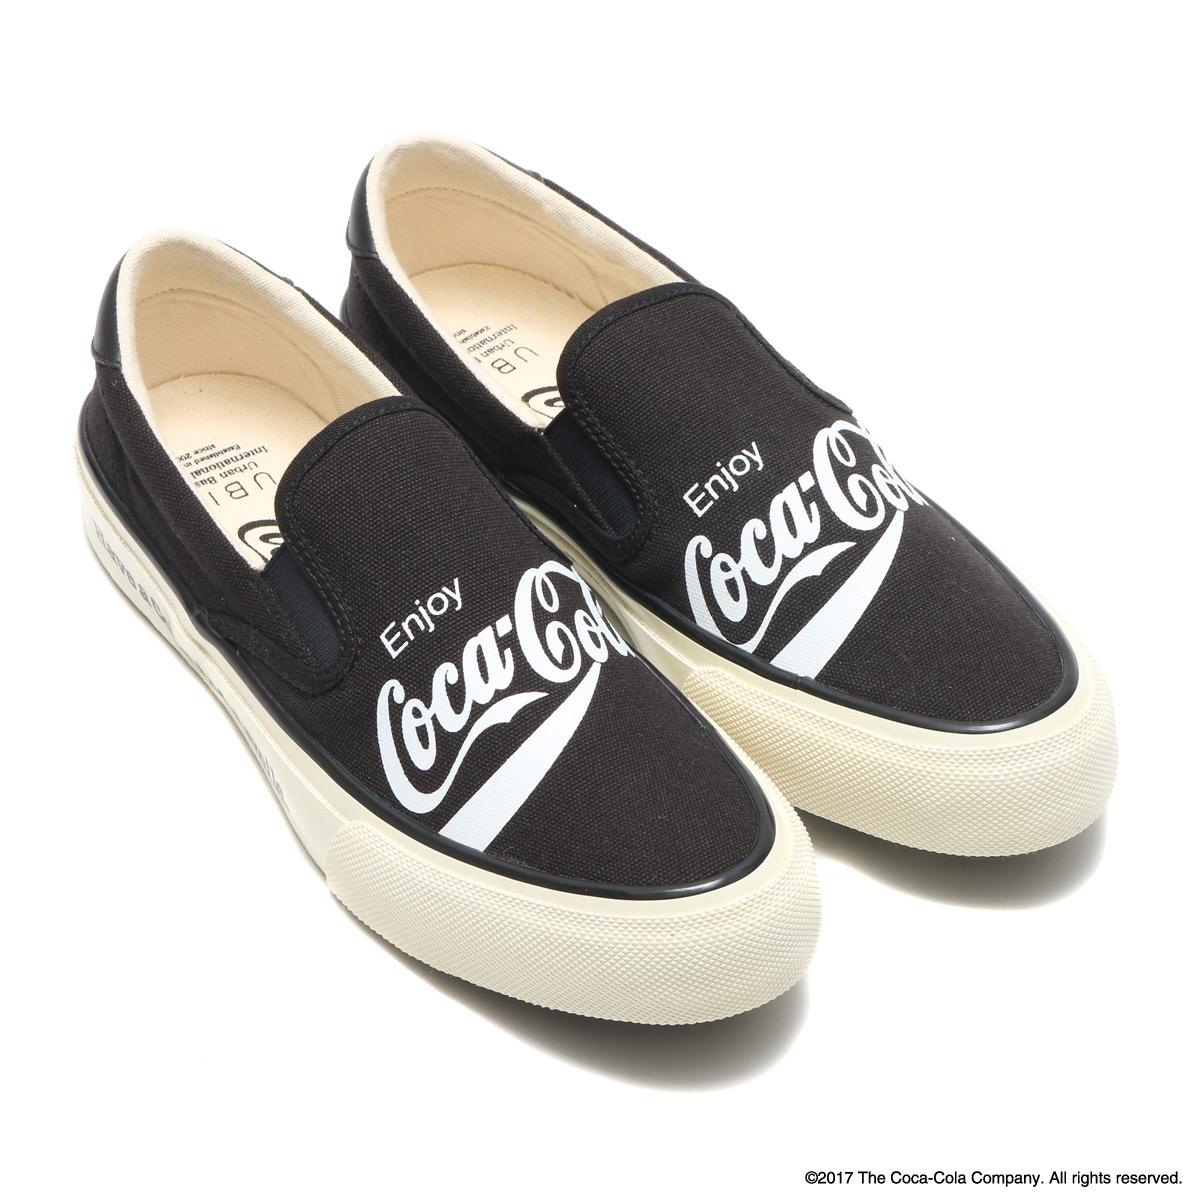 Coca-Cola by UBIQ HOGGE(コカ・コーラ バイ ユービック ホッジ)BLACK【メンズ レディース スニーカー】17FW-S